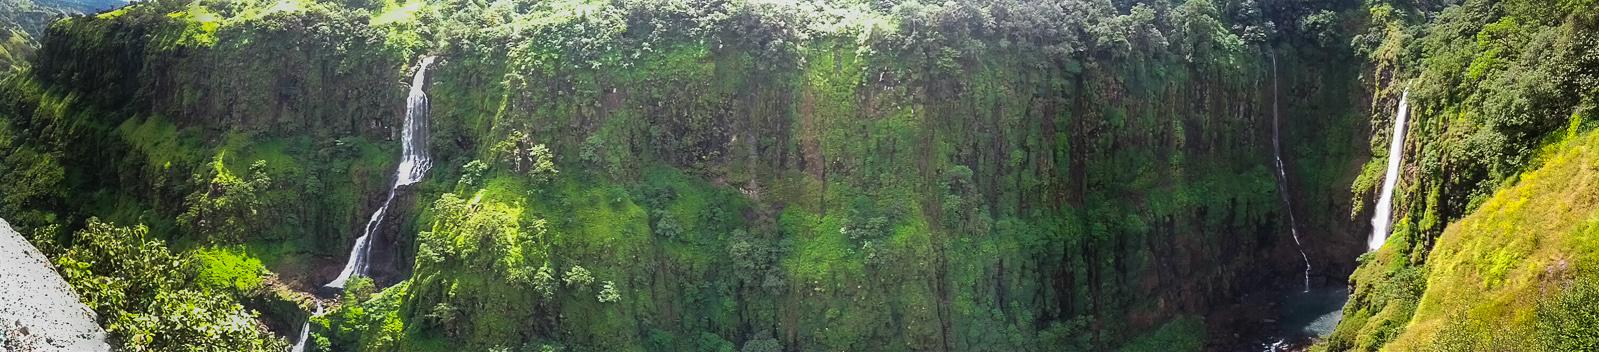 Thoseghar Waterfalls, Maharashtra (Panorama)